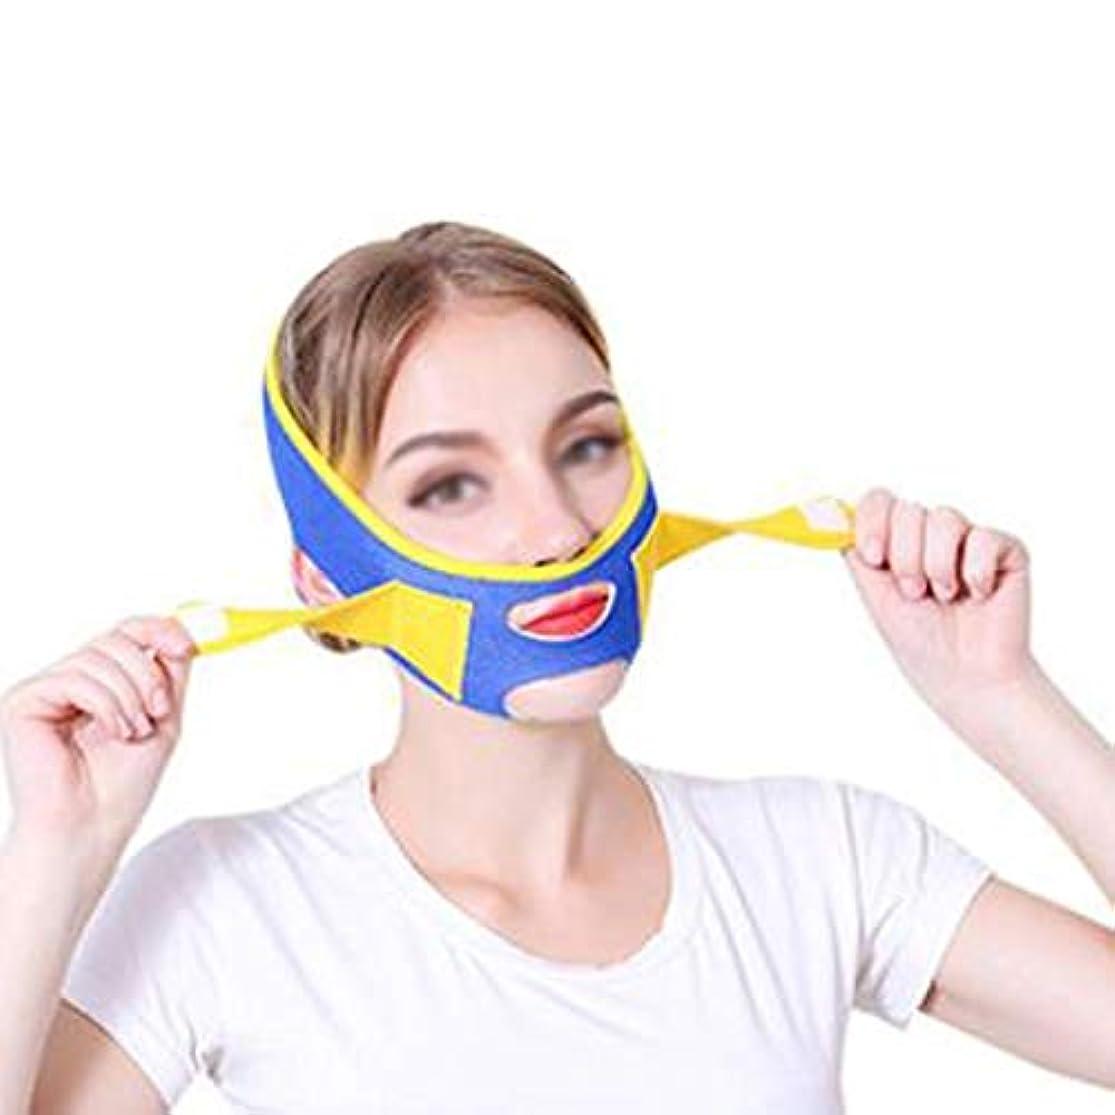 紛争熱帯のサンダルZWBD フェイスマスク, リフティングフェイスマスク抗たるみVフェイスリフティング包帯を布布する薄い二重あご通気性睡眠マスクギフト